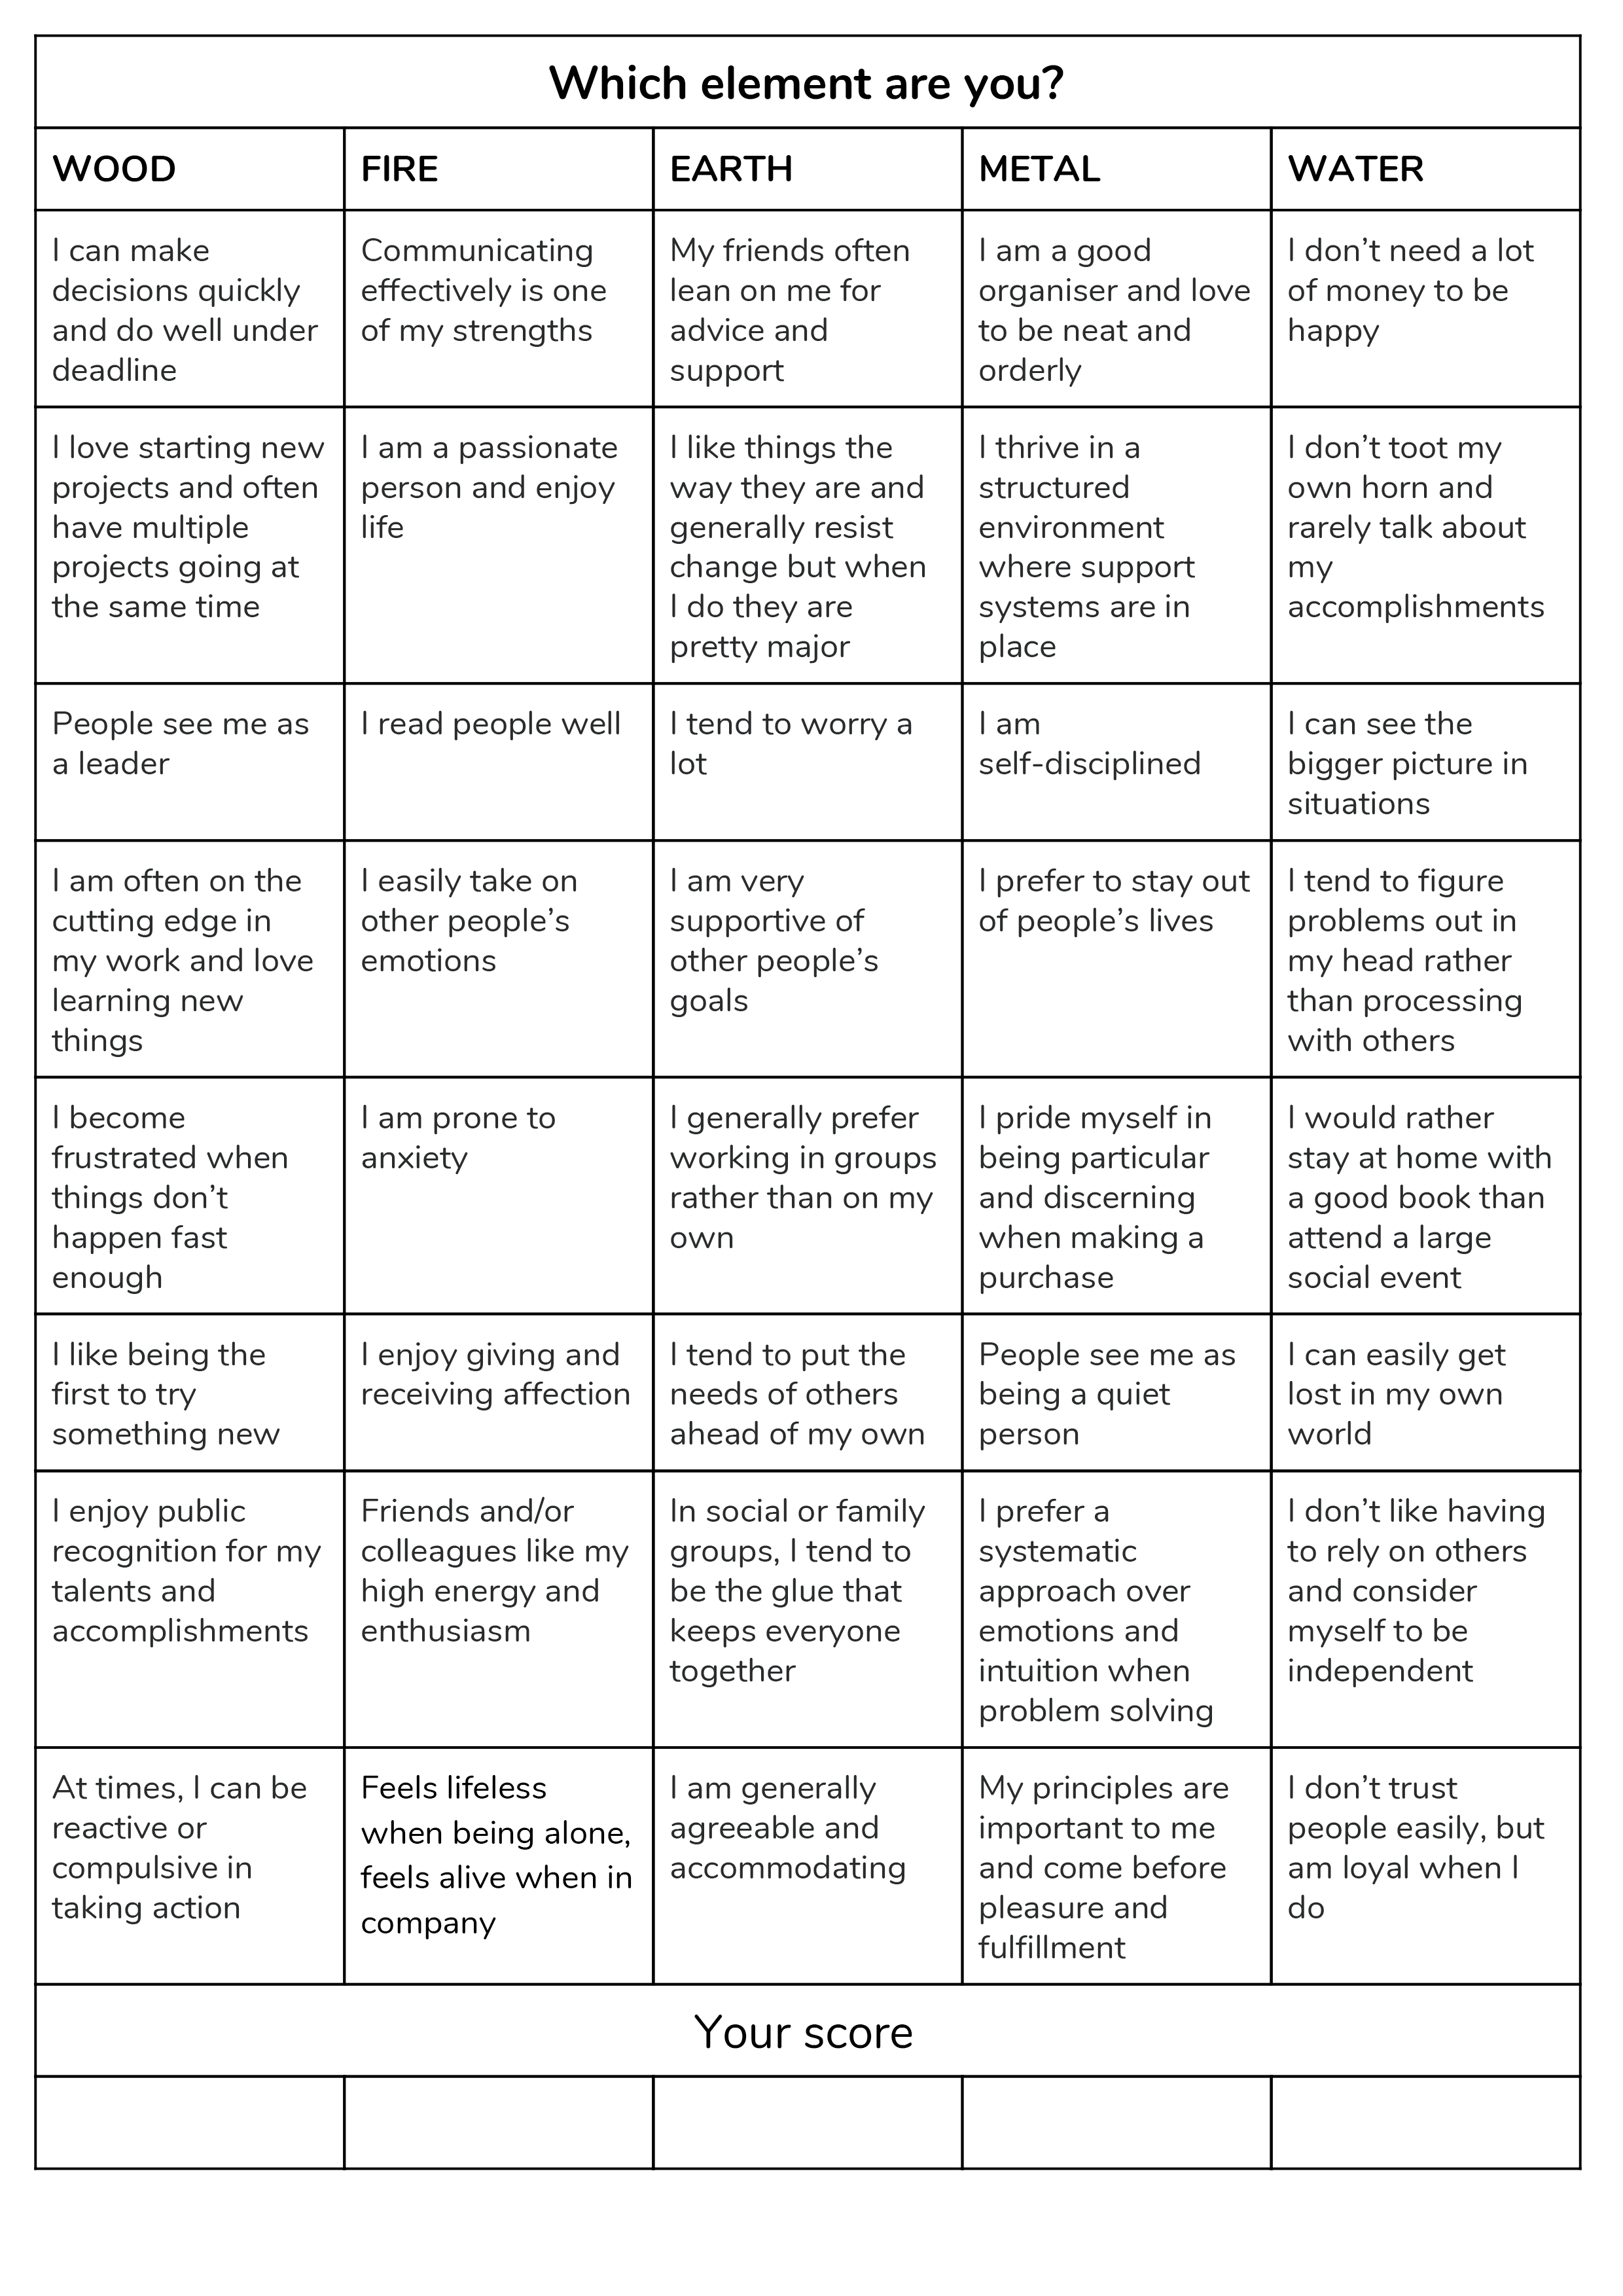 Element quiz.png